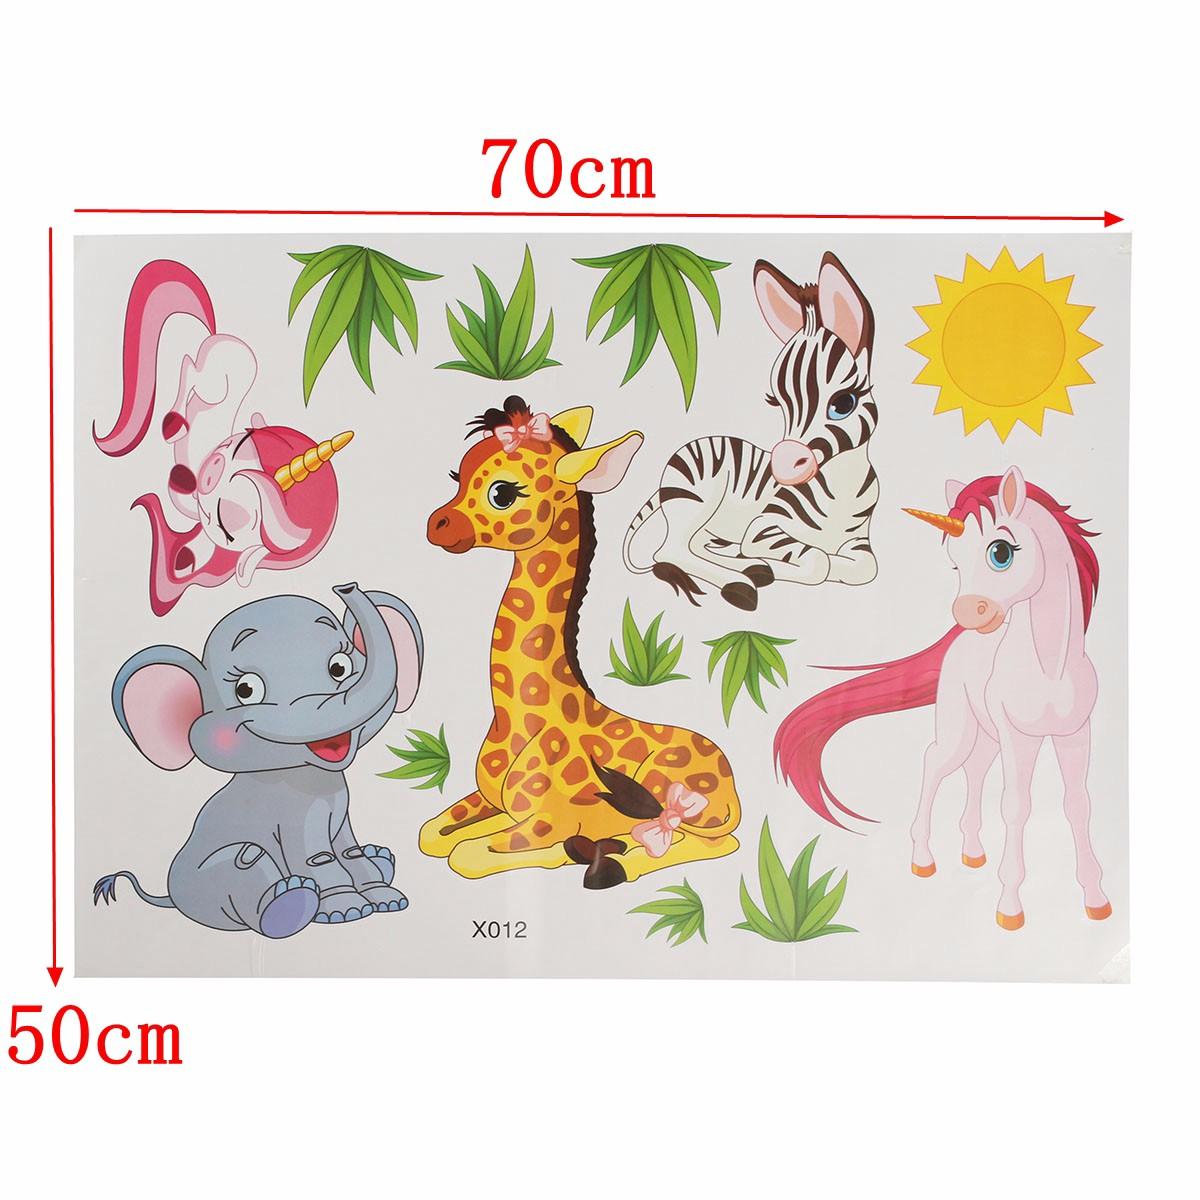 Cartone animato giraffe animale elefante erba camera da